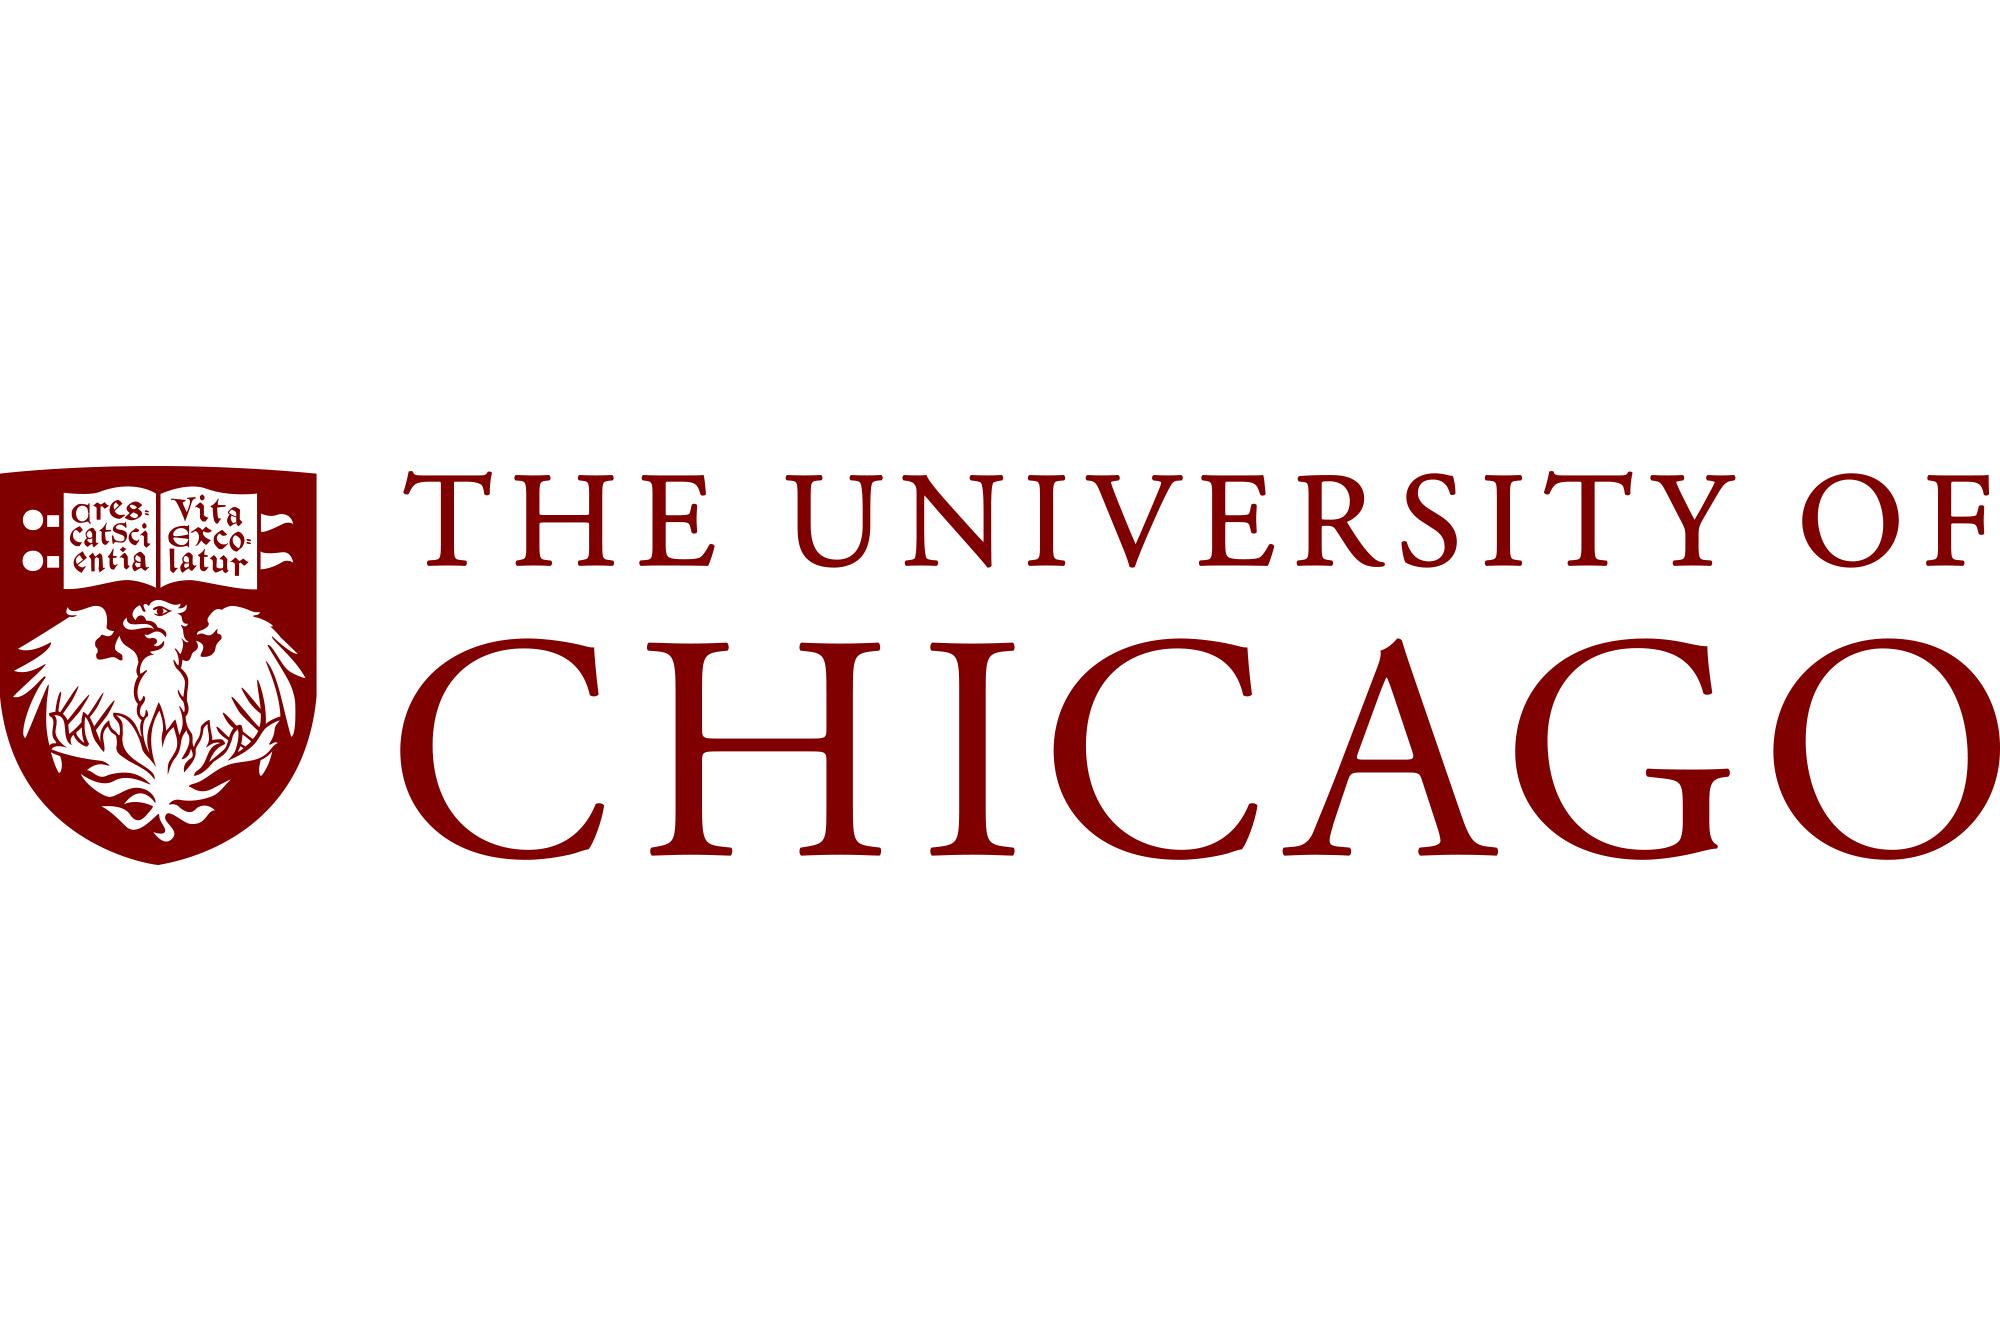 The-university-of-Chicago-logo.jpg